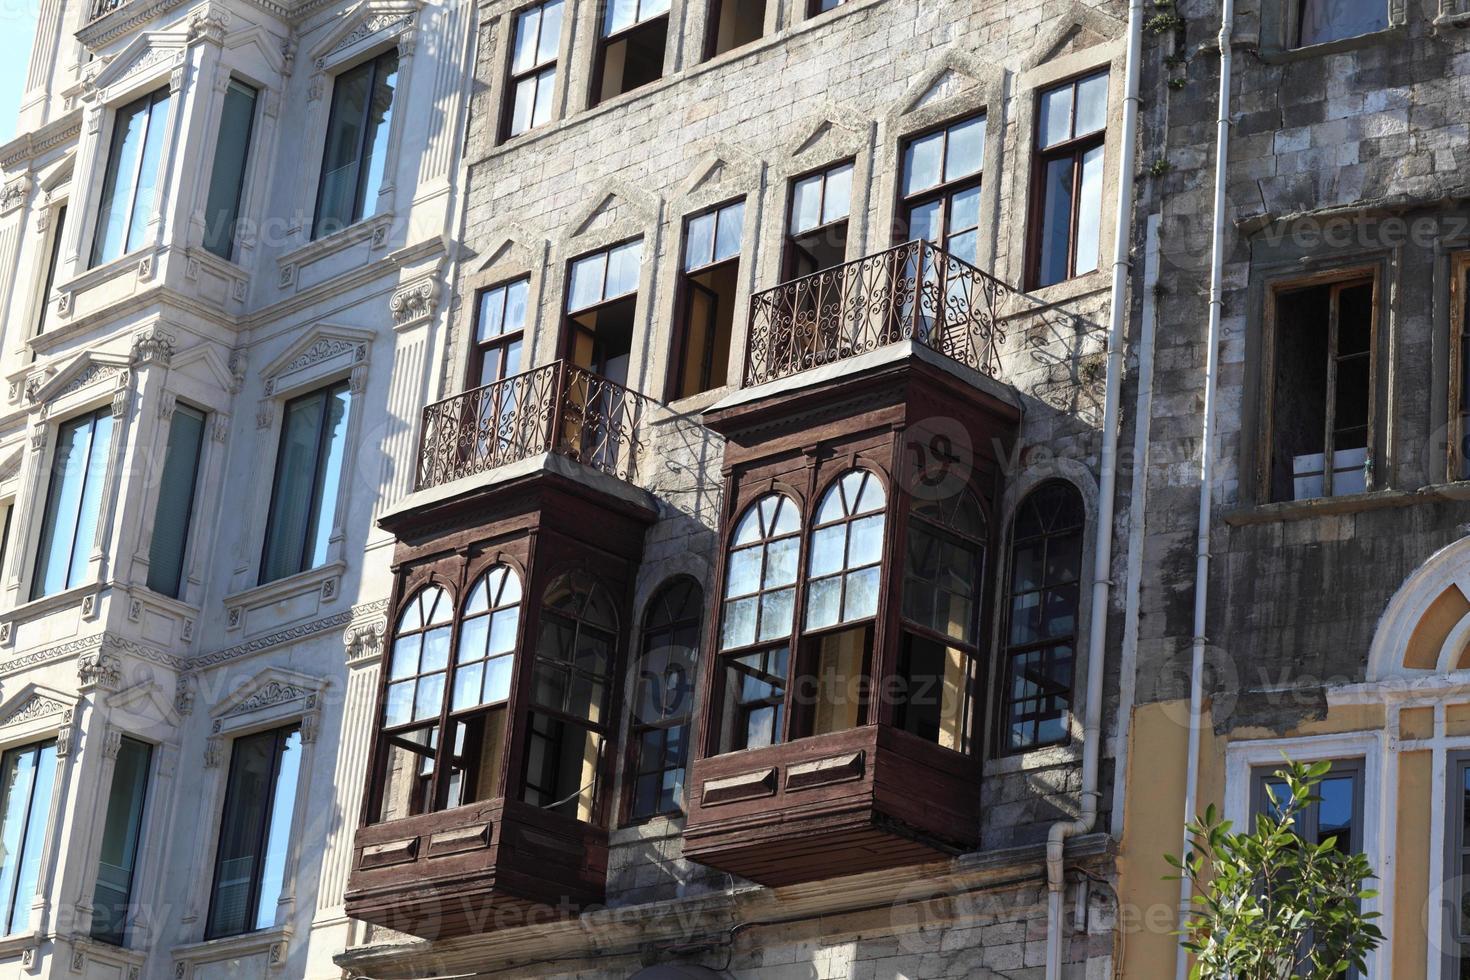 Blick auf altes Gebäude foto